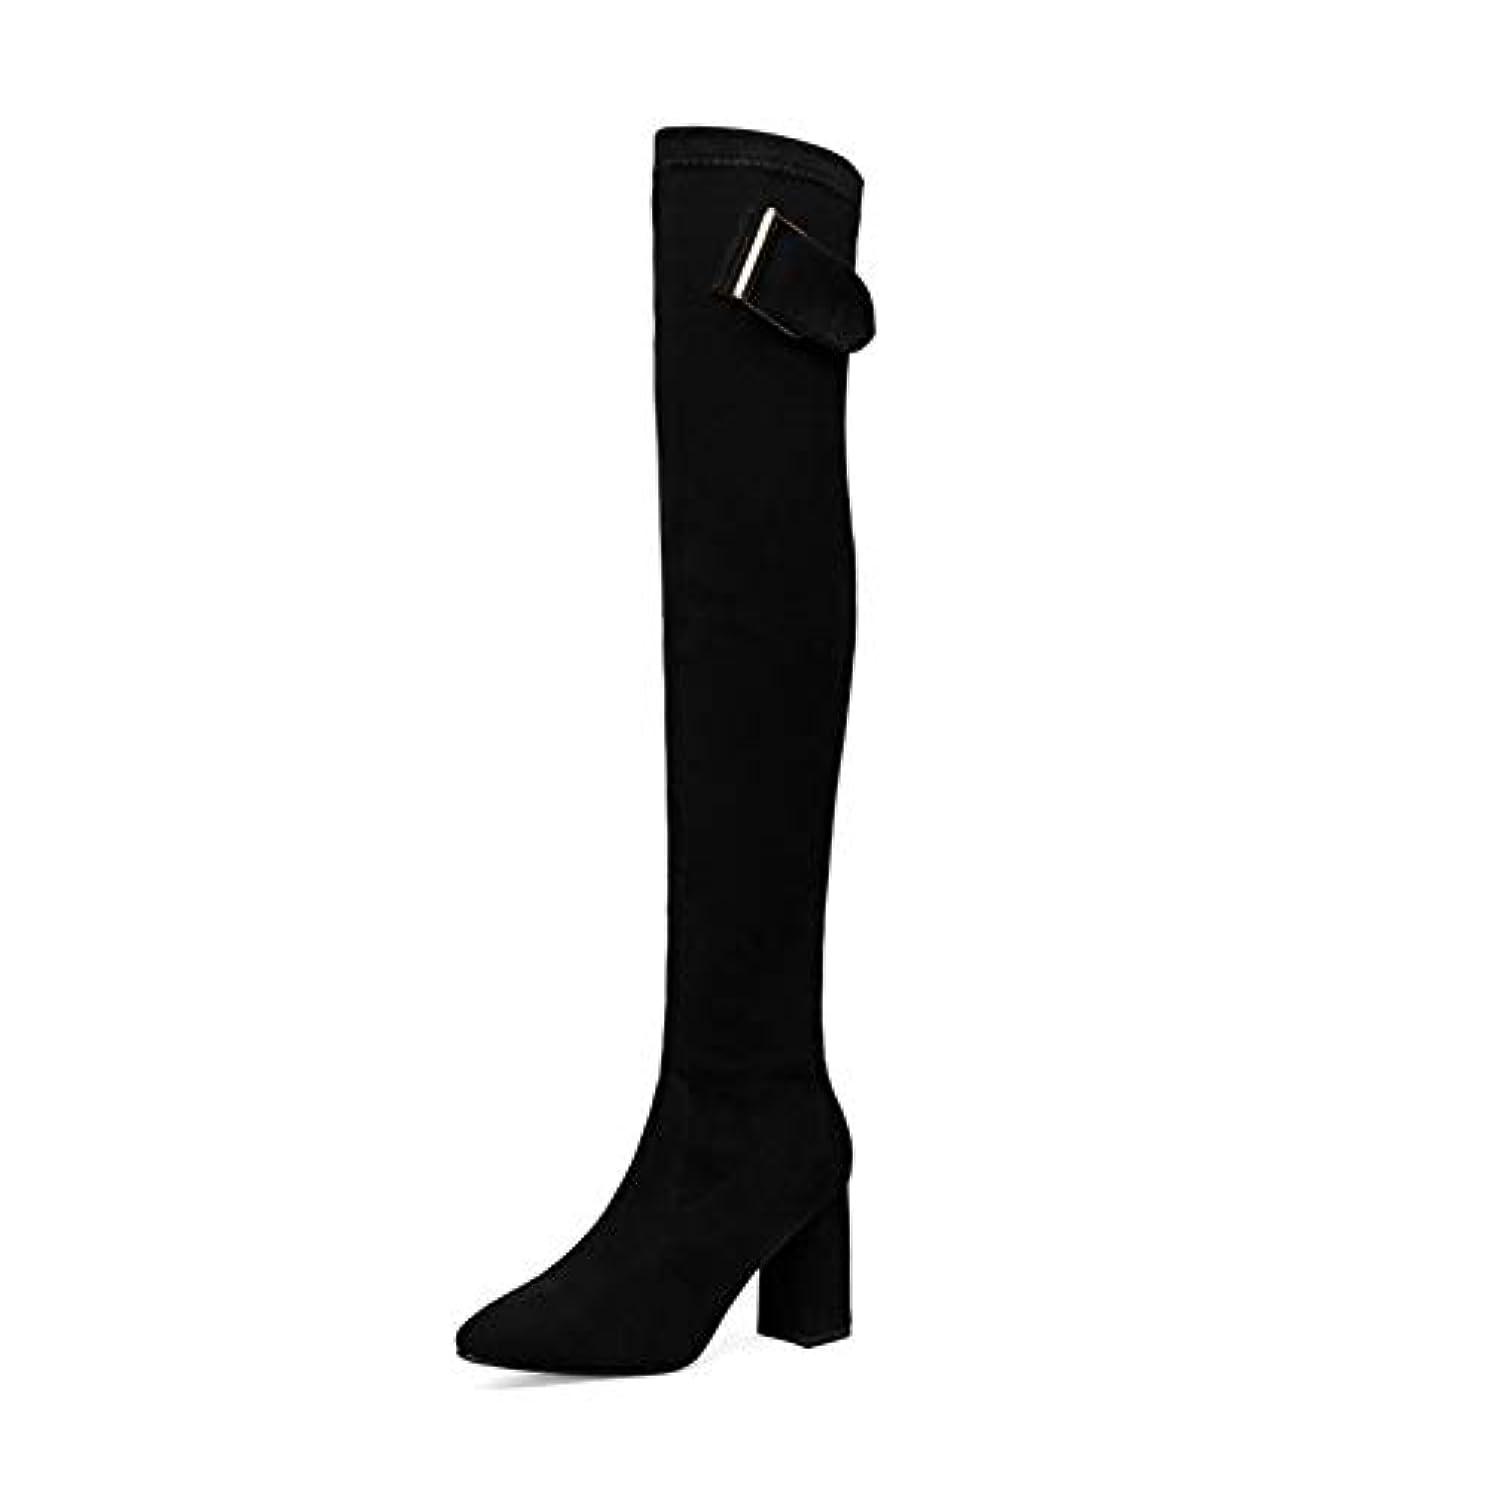 記憶安西結論女性のファッションブーツ、スリムブーツ膝の上でセクシーなスエード女性のスノーブーツレディース冬の太ももハイブーツシューズ (色 : ブラック, サイズ : 38)